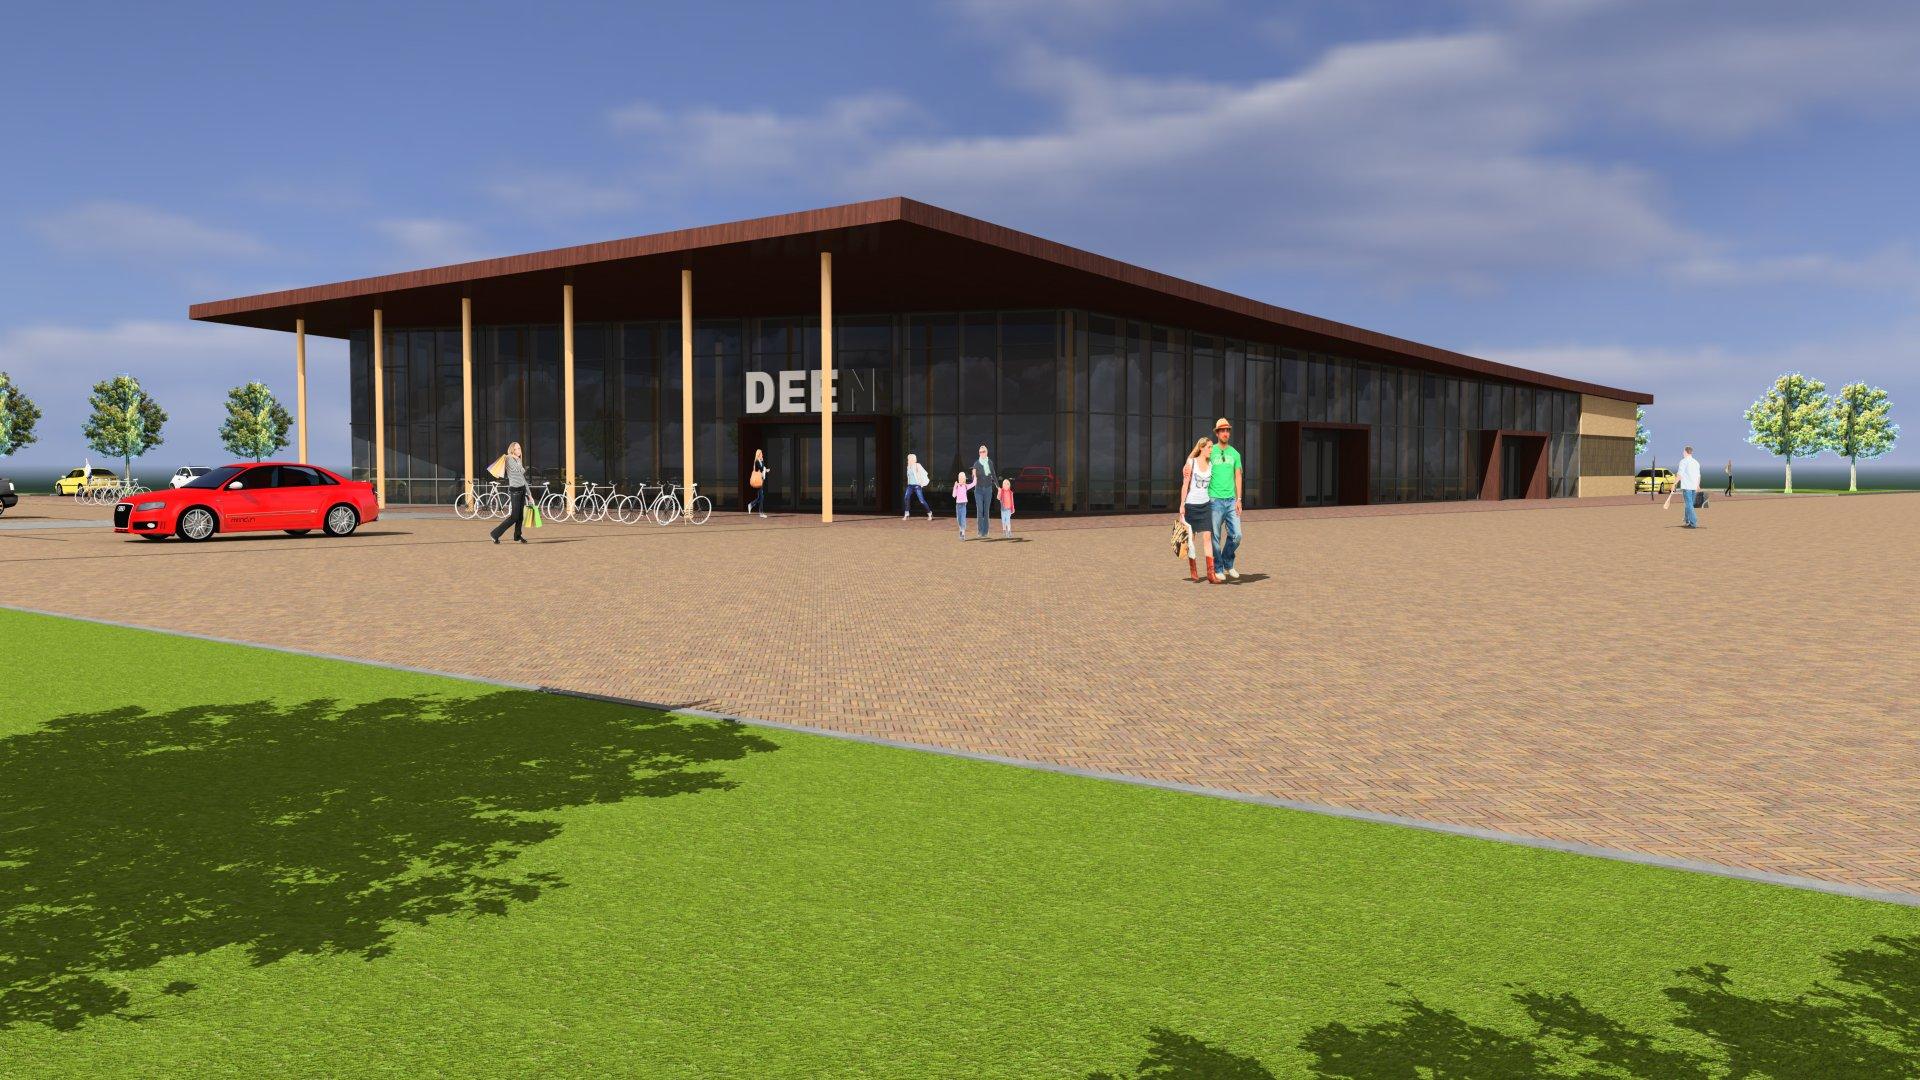 Goedkeuring welstandscommissie Deen Supermarkt Lelystad